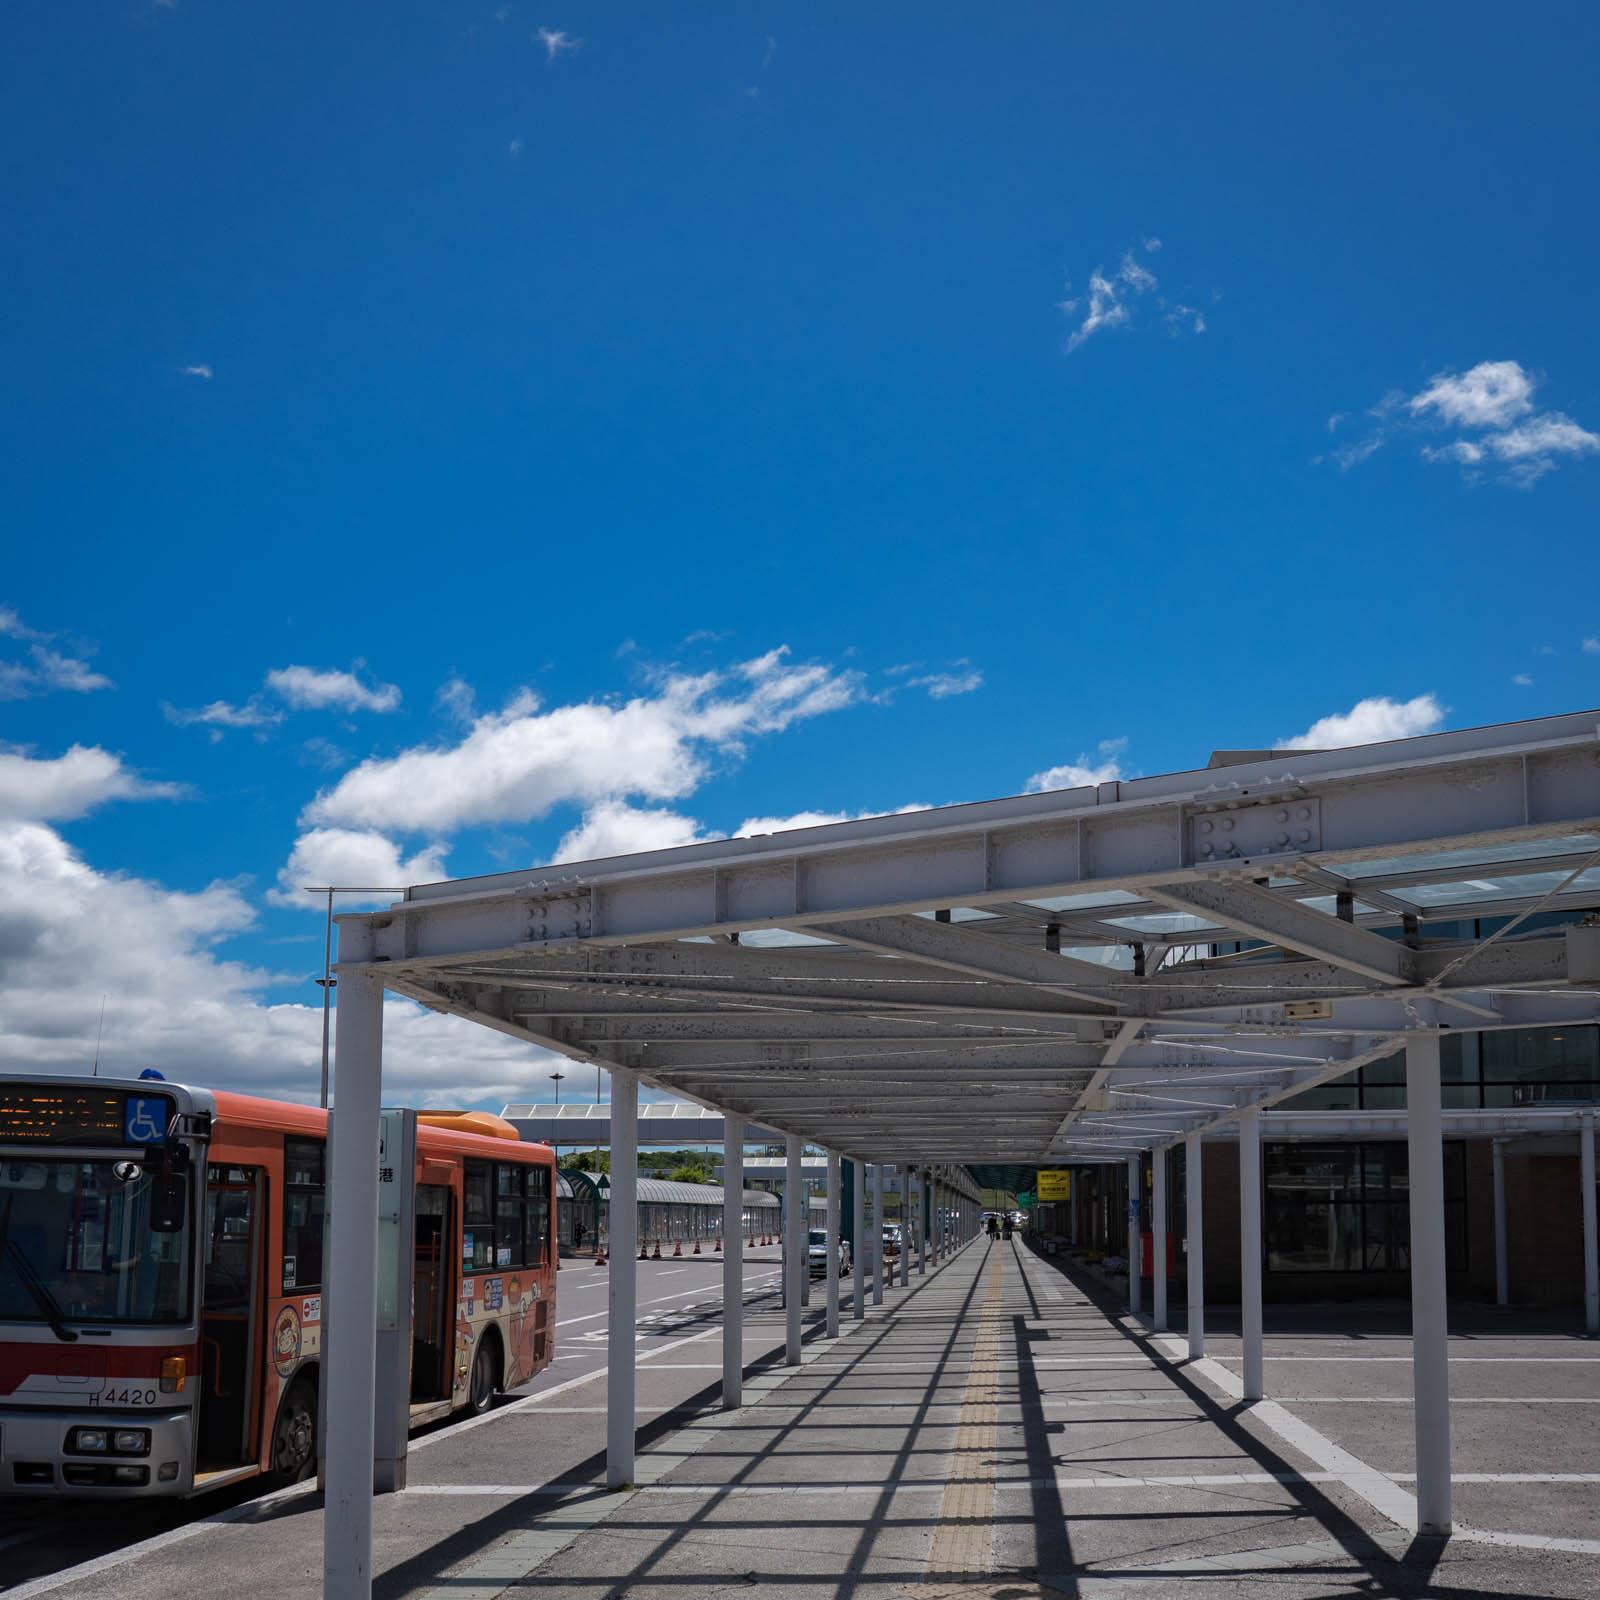 晴れ渡った空と函館空港到着ゲート前のバス亭